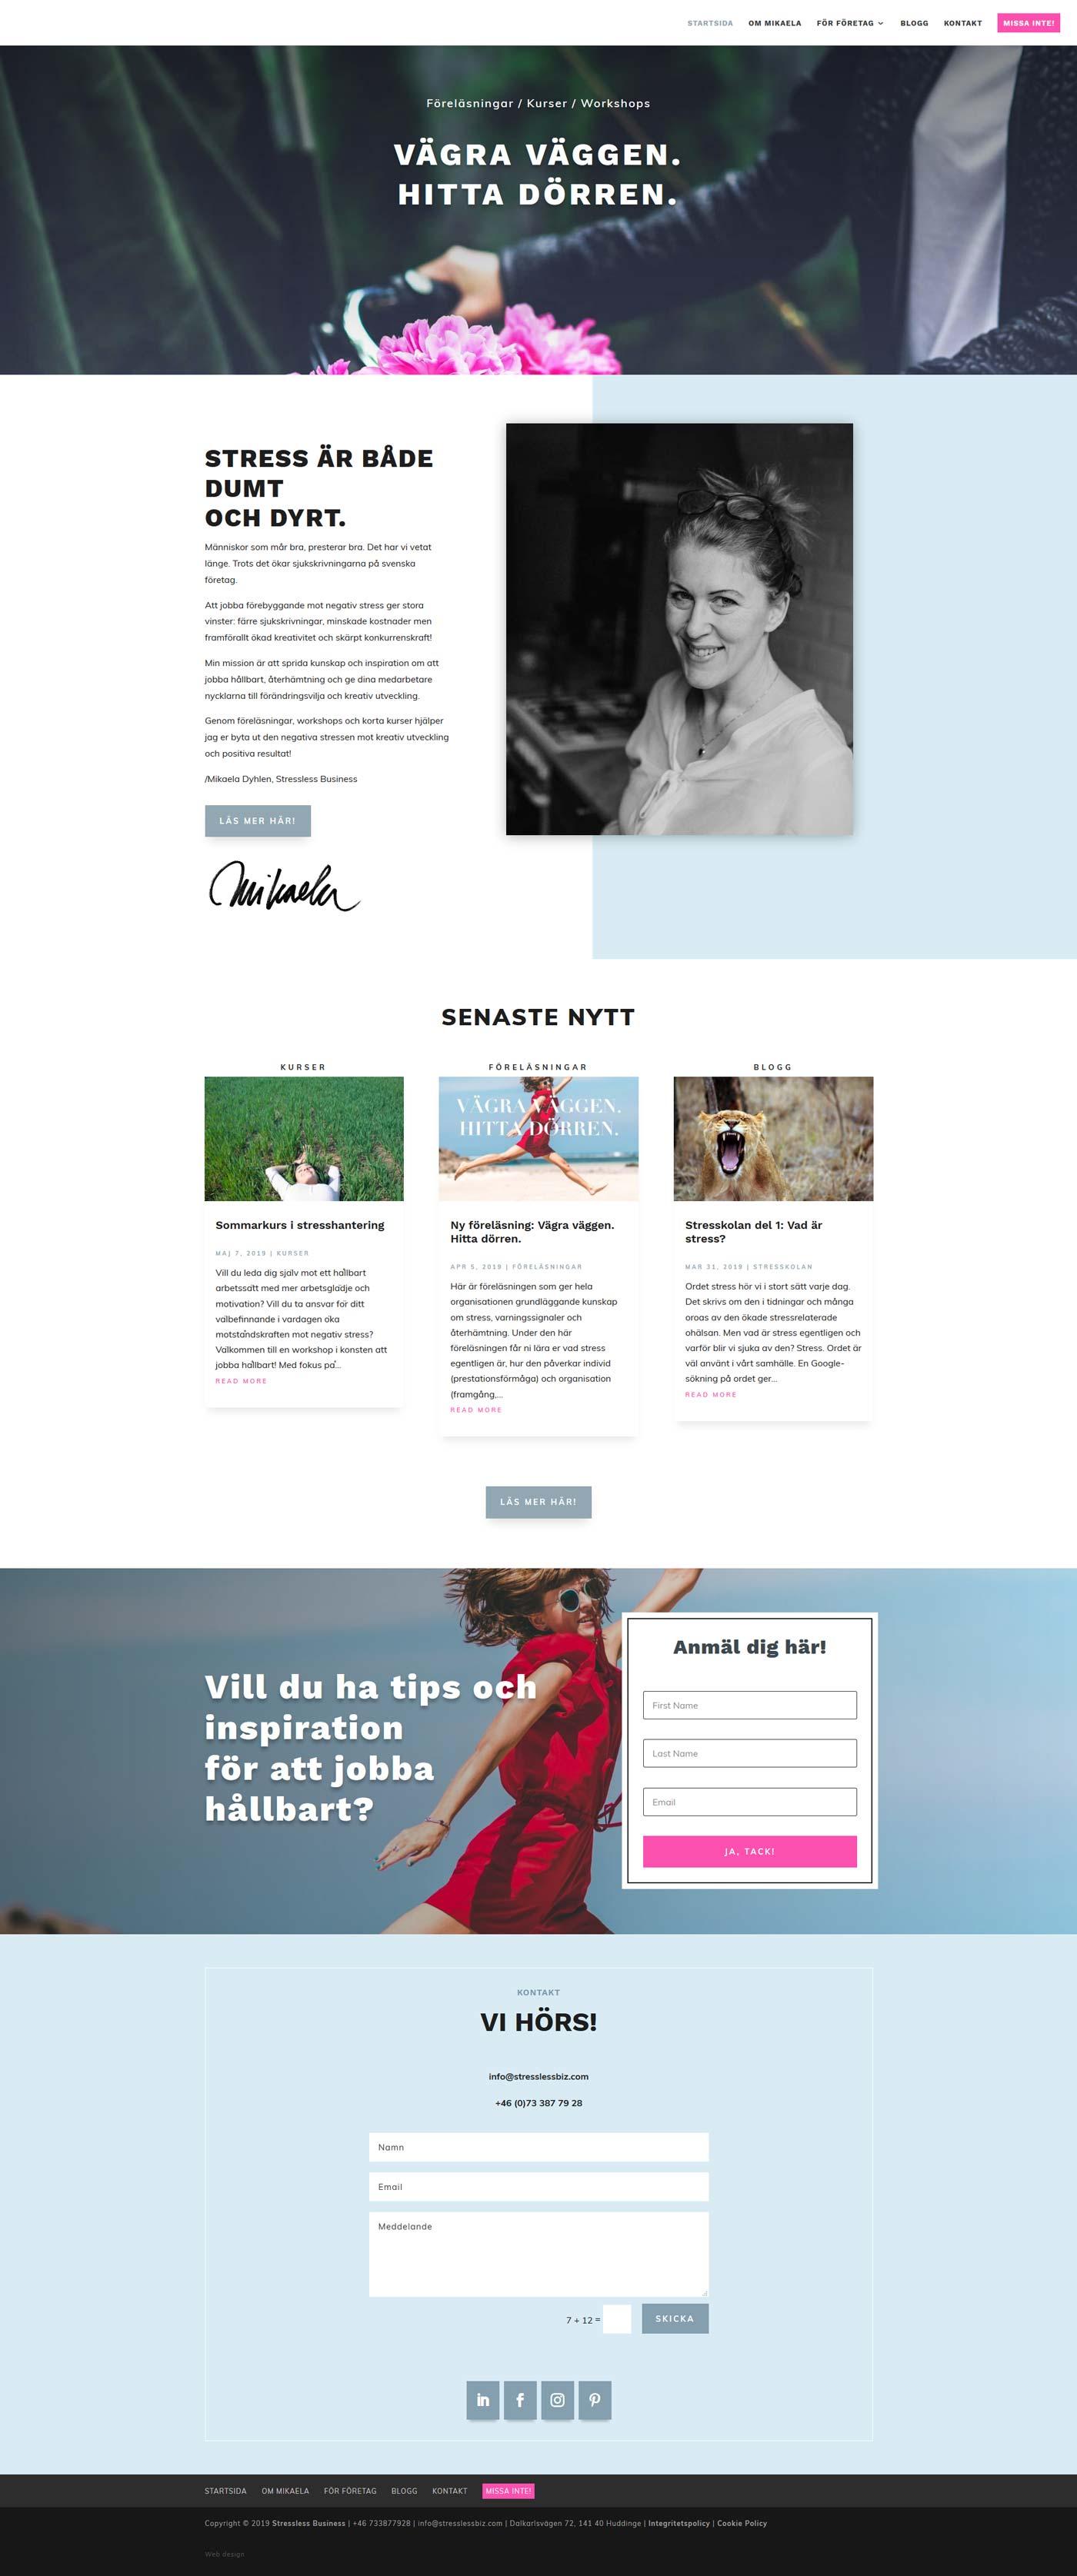 Ny hemsida i WordPress som kan byggas på med nya sidor enkelt!